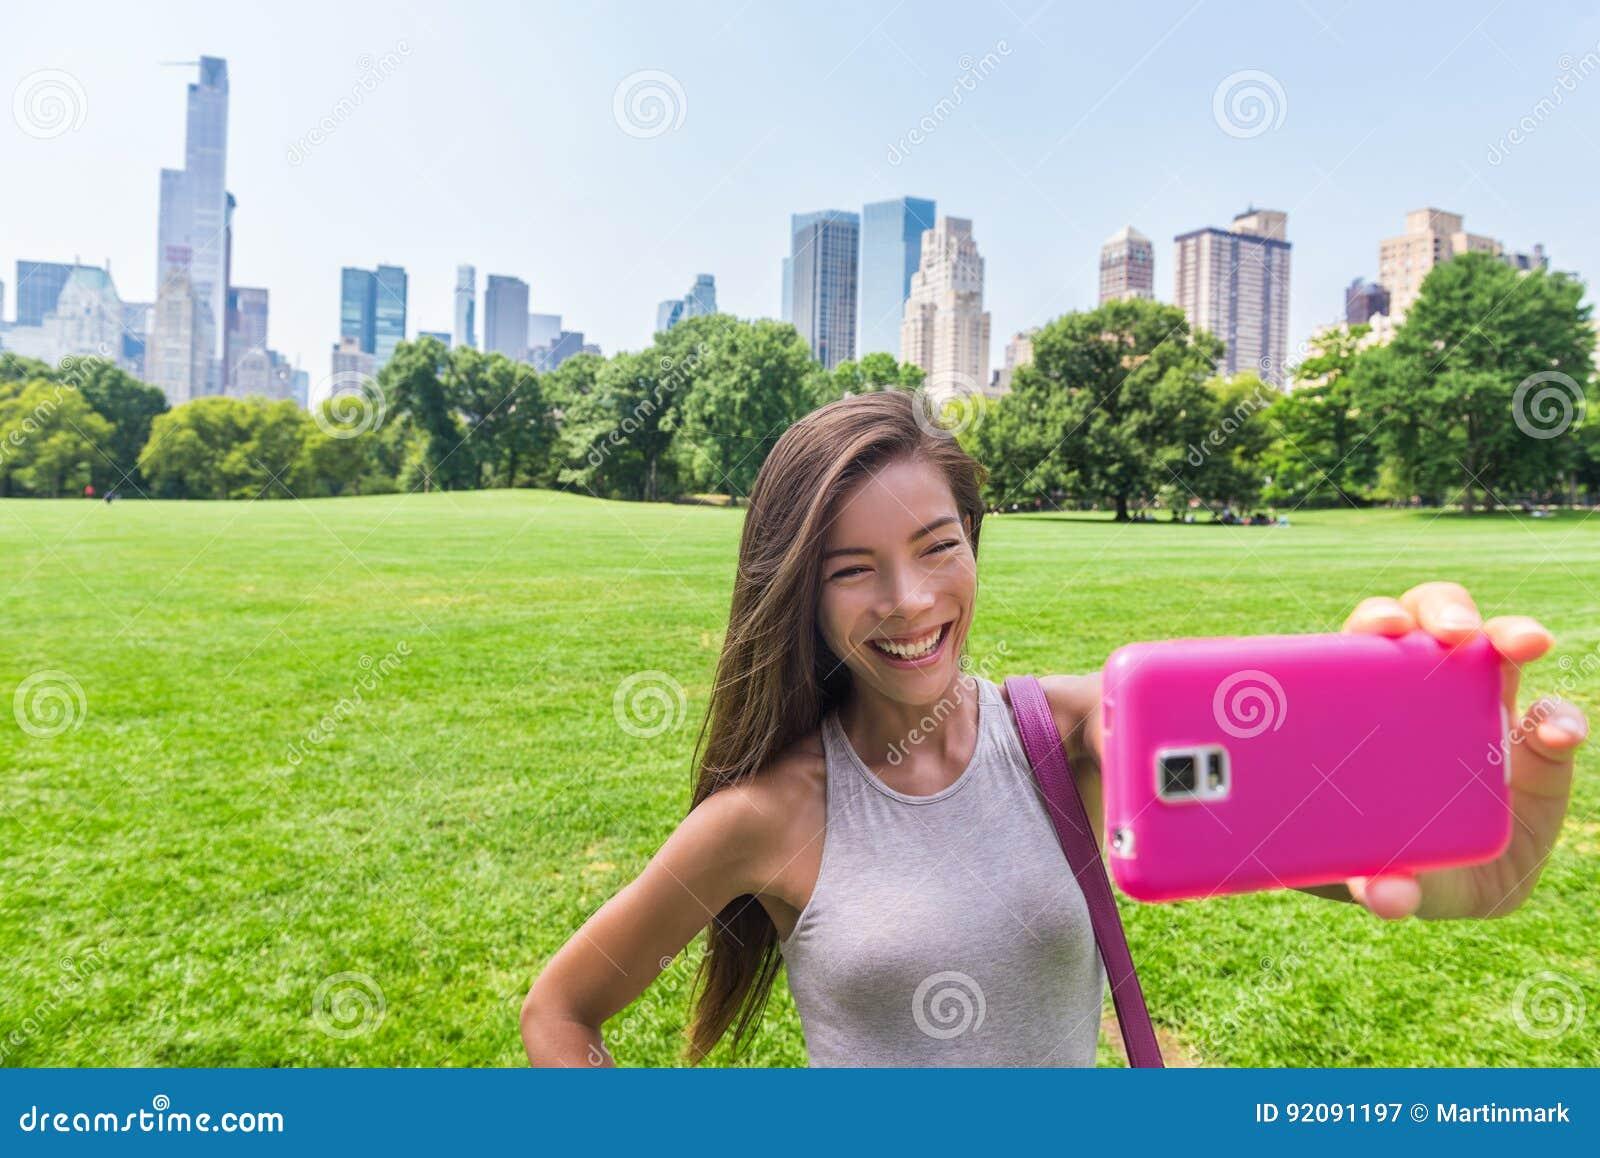 Aziatische vrouw die telefoon selfie in de stad van New York nemen